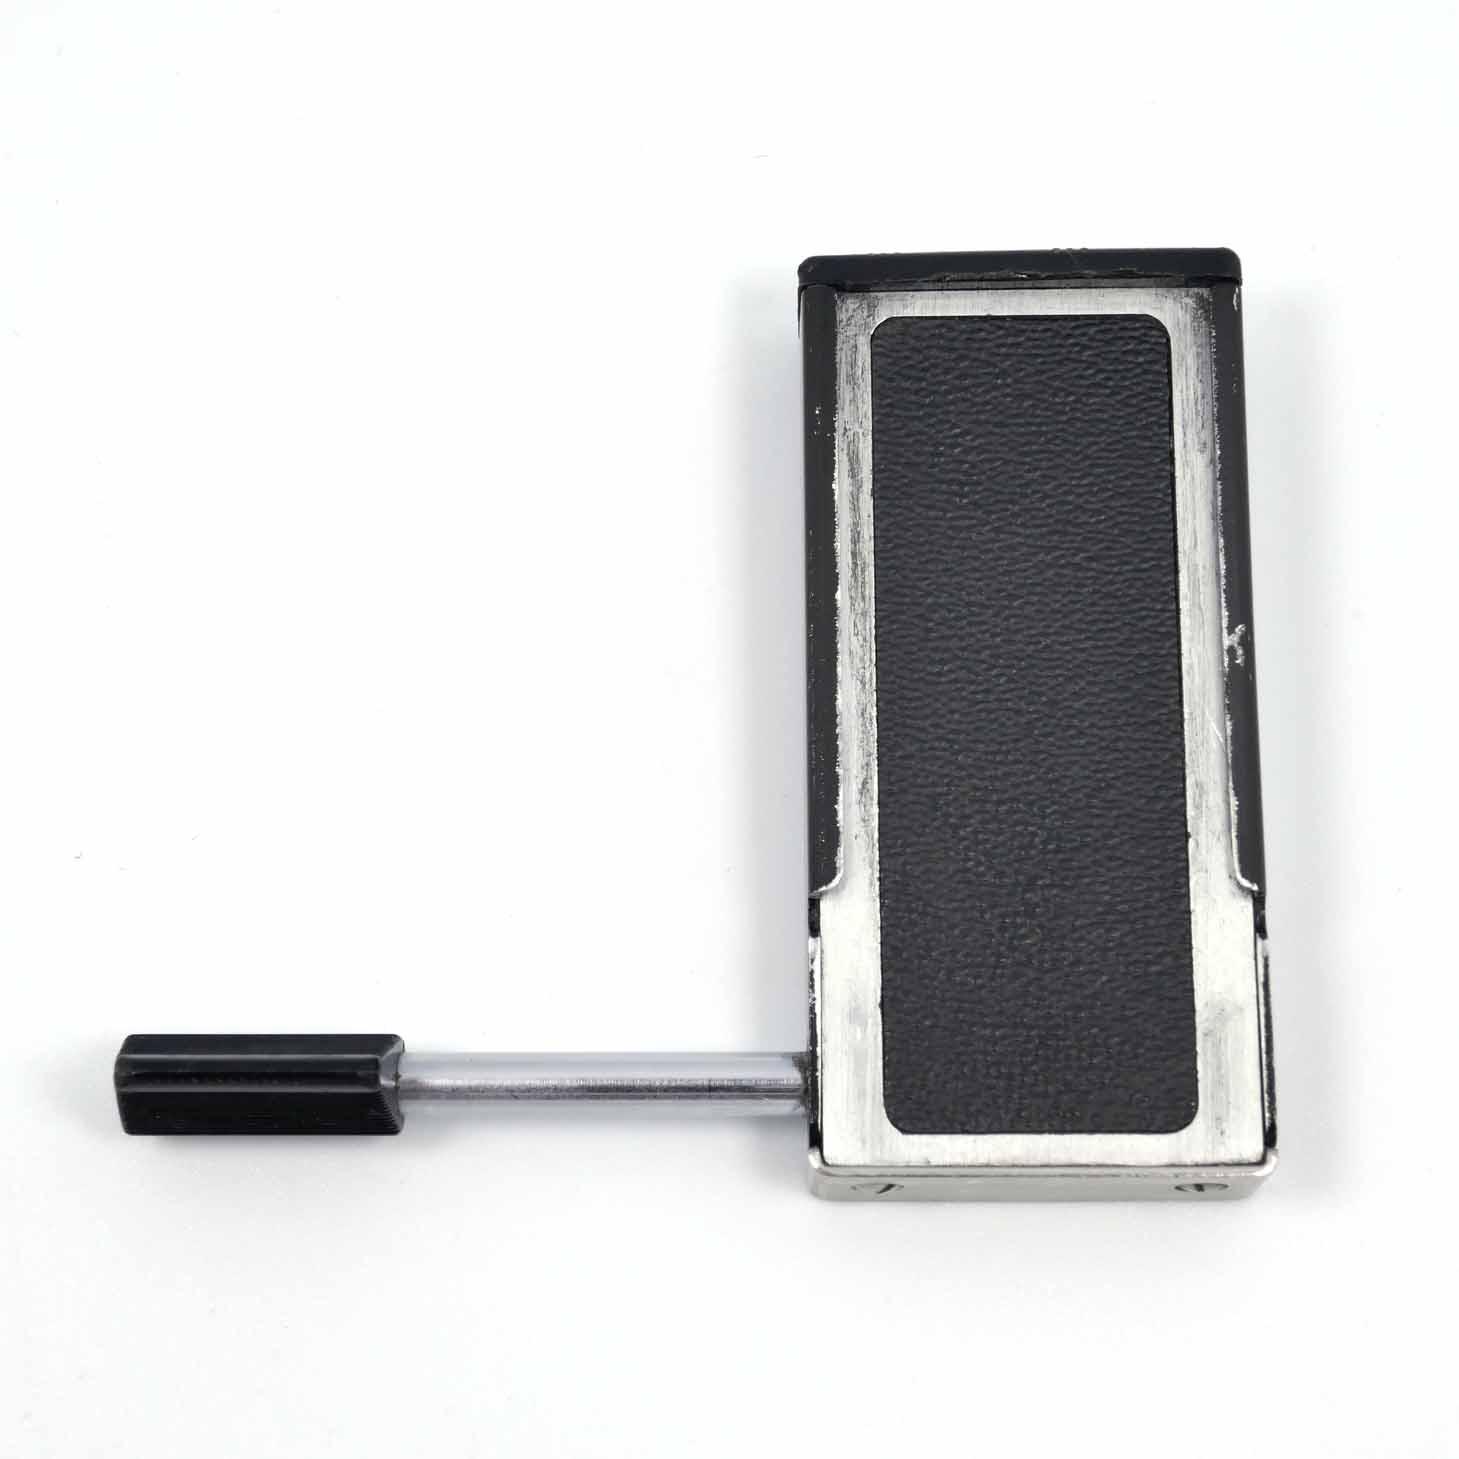 clean-cameras-Hasselblad-Schnellkupplung-45004---01